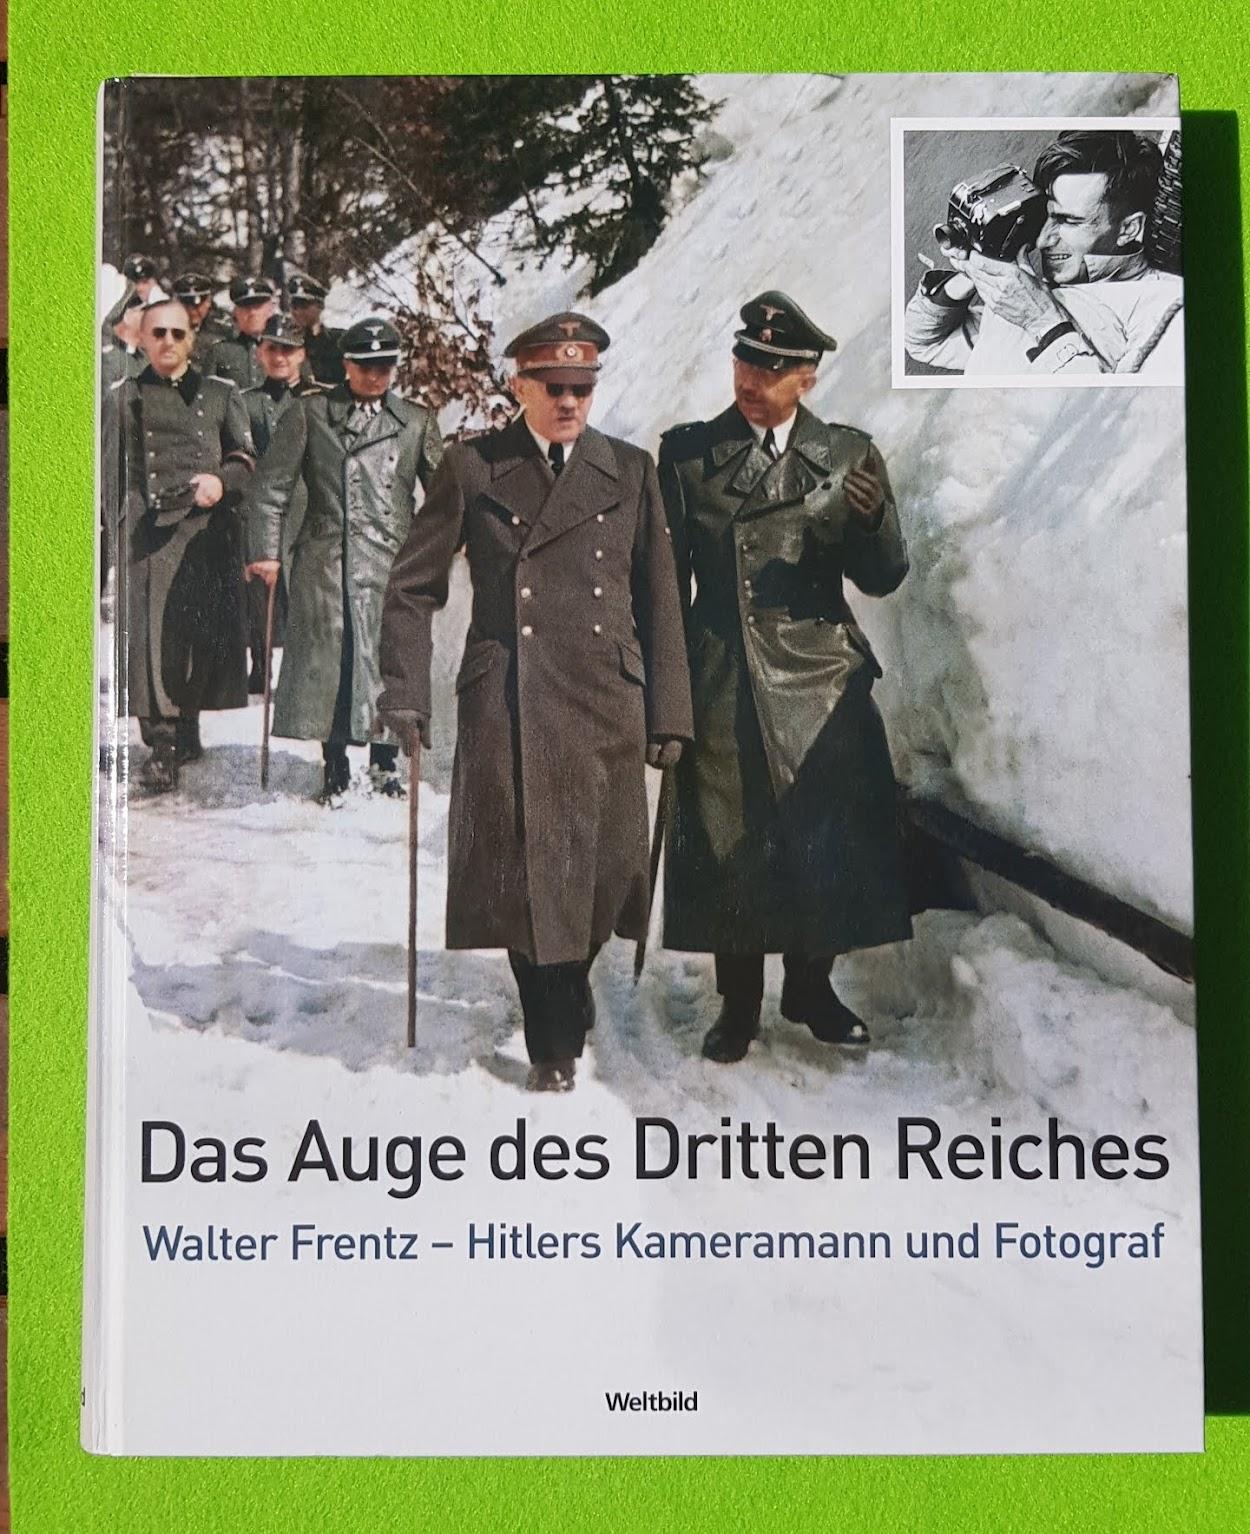 Das Auge des Dritten Reiches - Walter Frentz Bildband